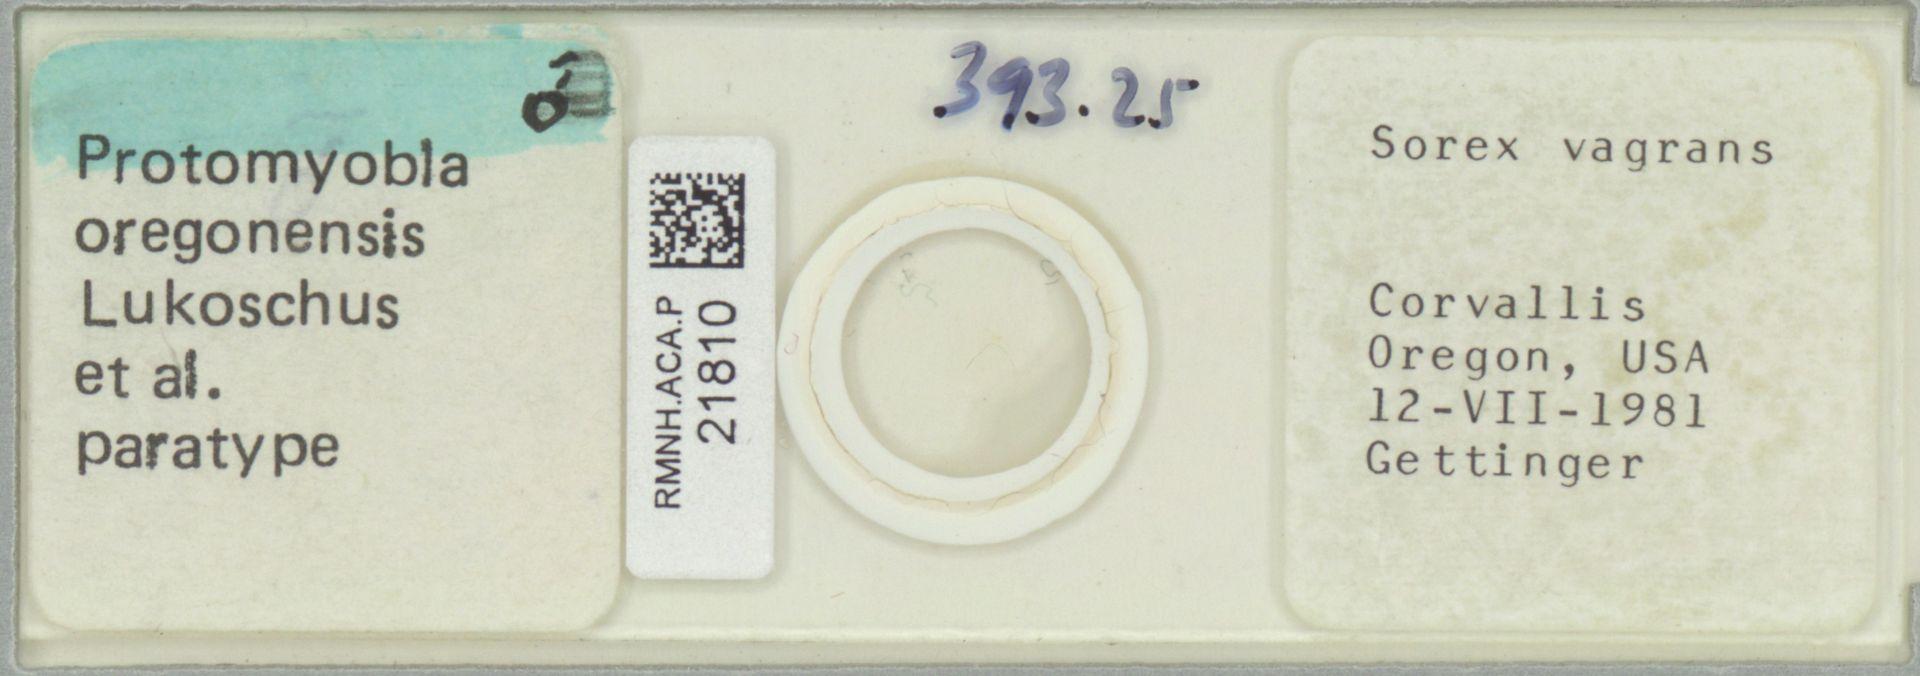 RMNH.ACA.P.21810 | Protomyobia oregonensis Lukoschus et al.